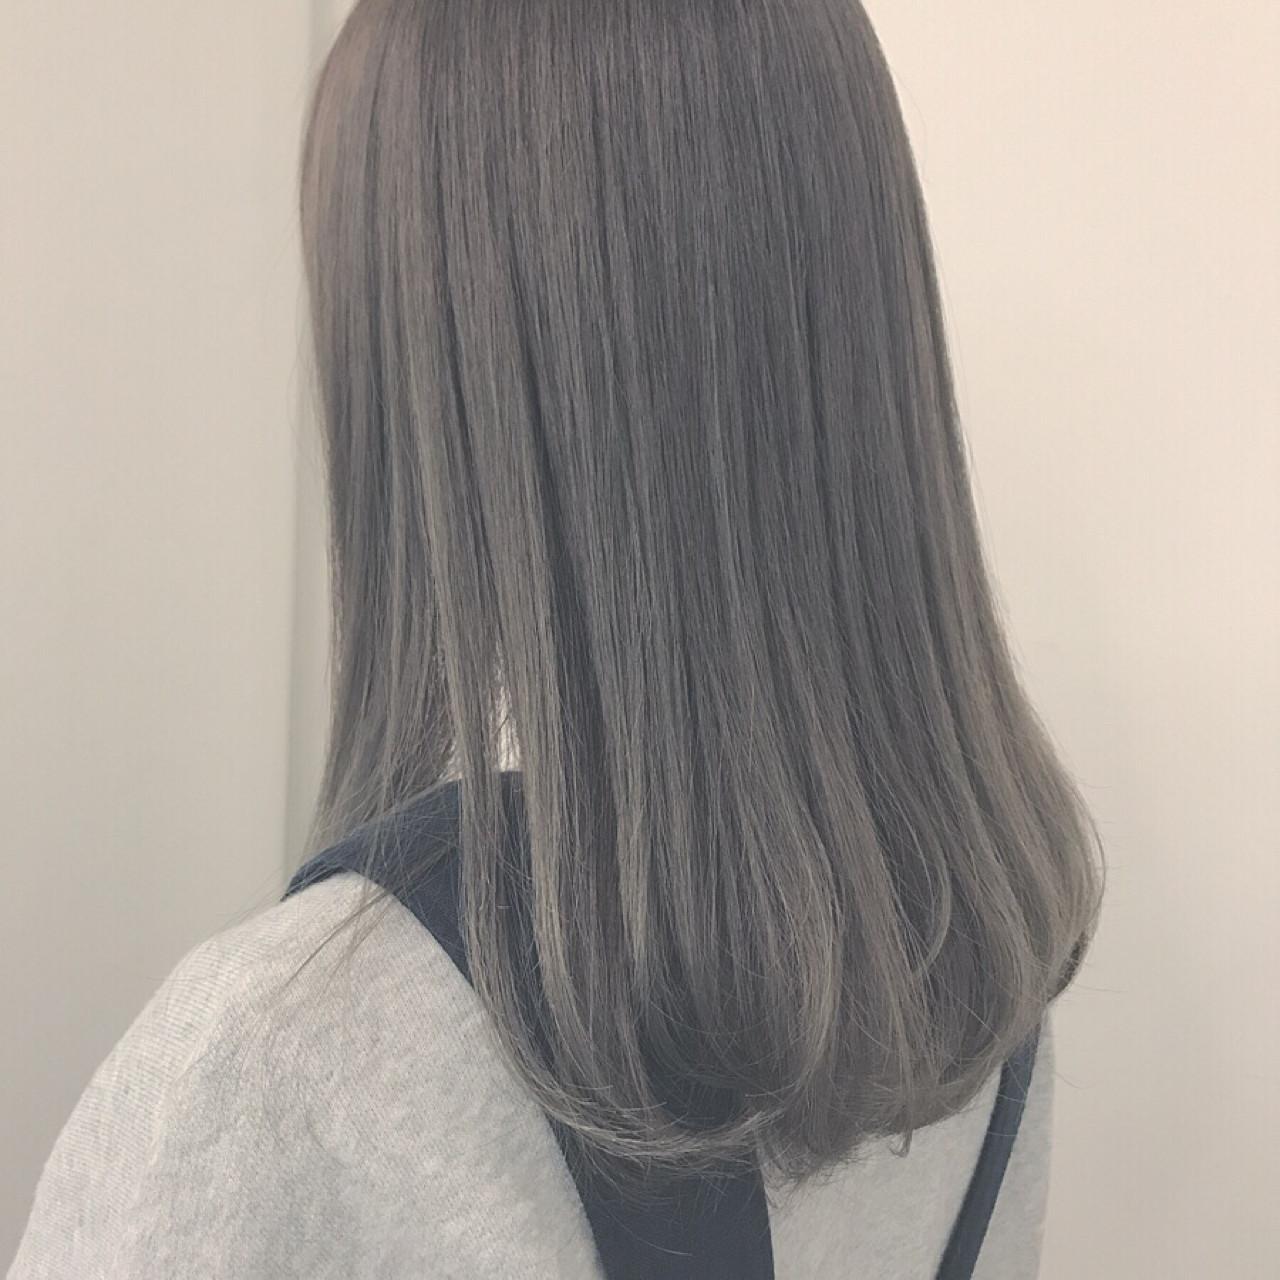 アッシュグレーは、おしゃれなくすんだ灰色のヘアカラー。光に当たると灰色っぽいニュアンスのあるヘアカラーとなり、ヌケ感を演出することができます。